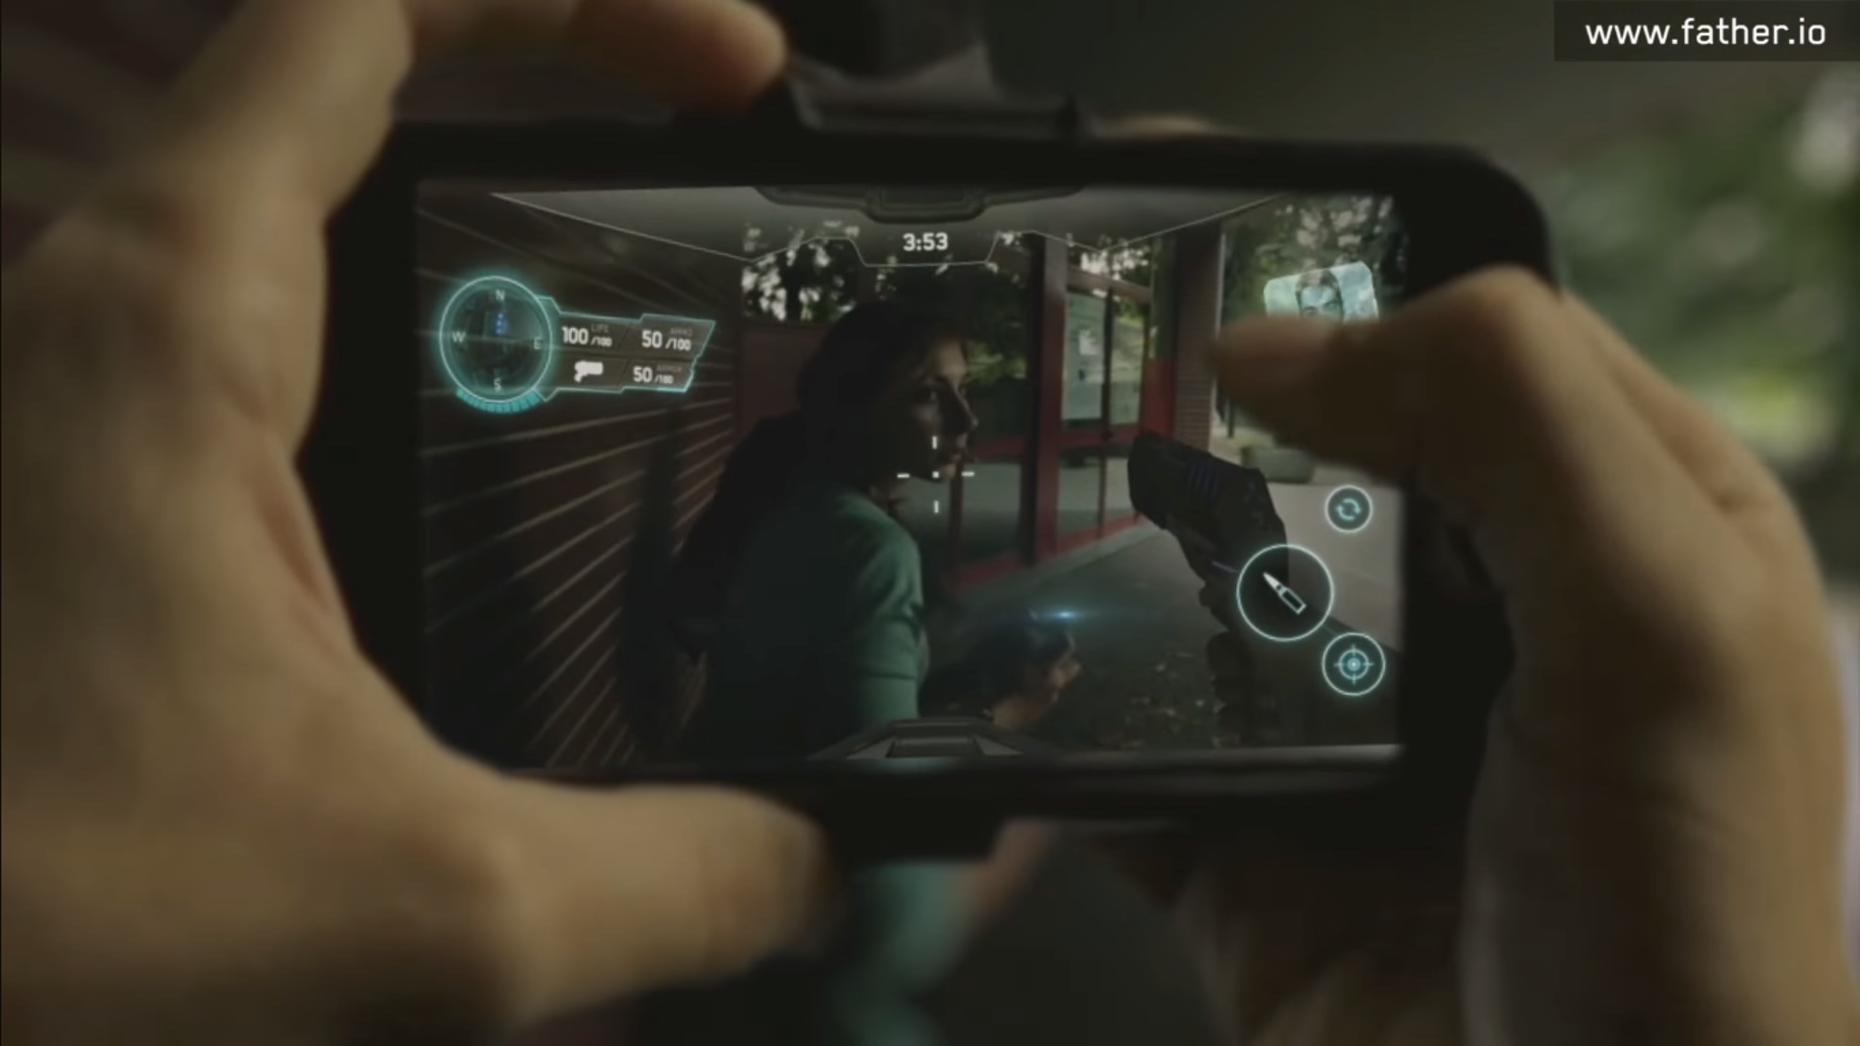 Nueva aplicación convierte tu hogar en Laser Tag Battlefield y todo en realidad virtual